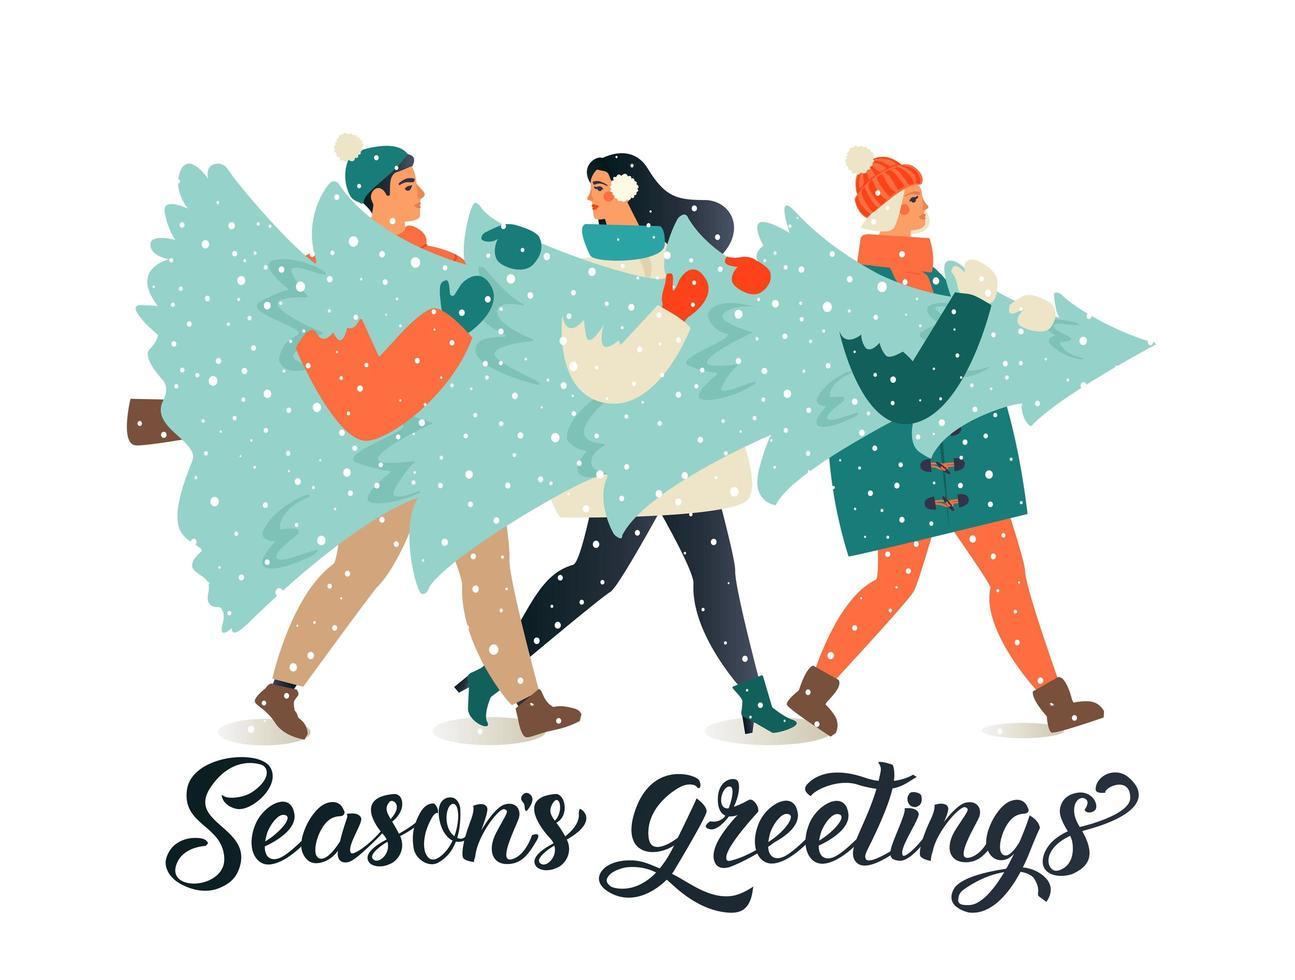 joyeux noël et bonne année carte de voeux. groupe de personnes transportant un grand pin de Noël ensemble pour la saison des vacances avec décoration d'ornement, cadeaux. vecteur